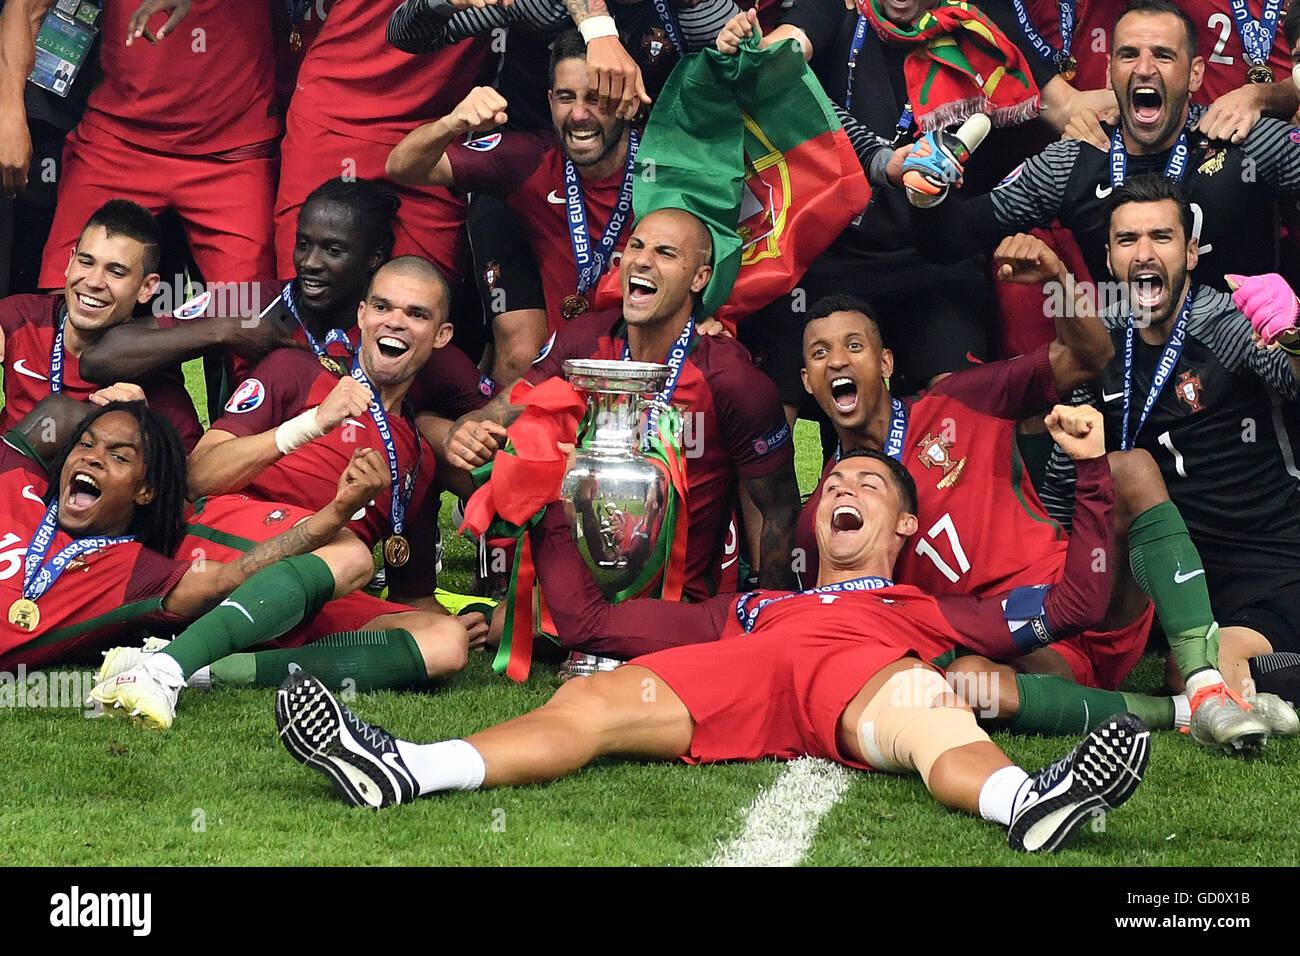 Les joueurs du Portugal célèbre après avoir remporté l'UEFA EURO 2016 football match de Photo Stock